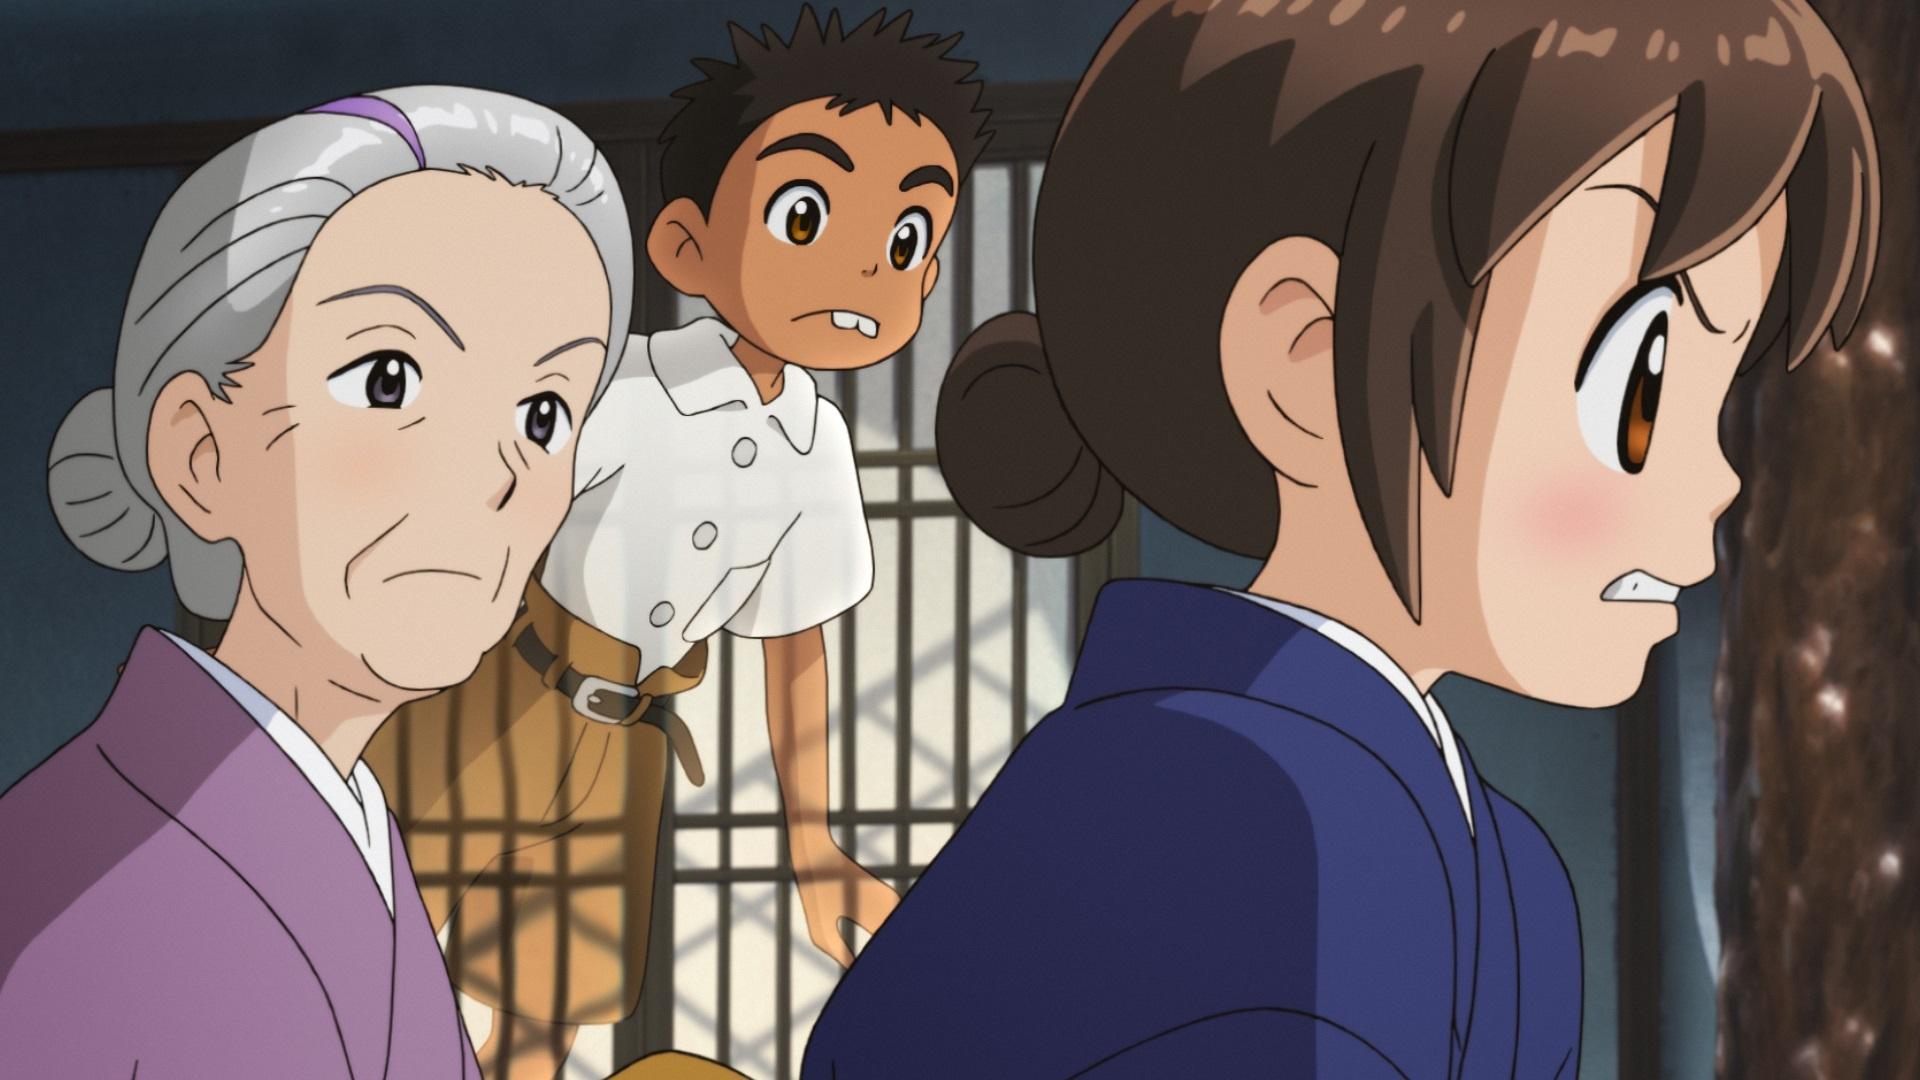 吉田玲子が脚本を手がけた劇場版『若おかみは小学生!』は現在公開中